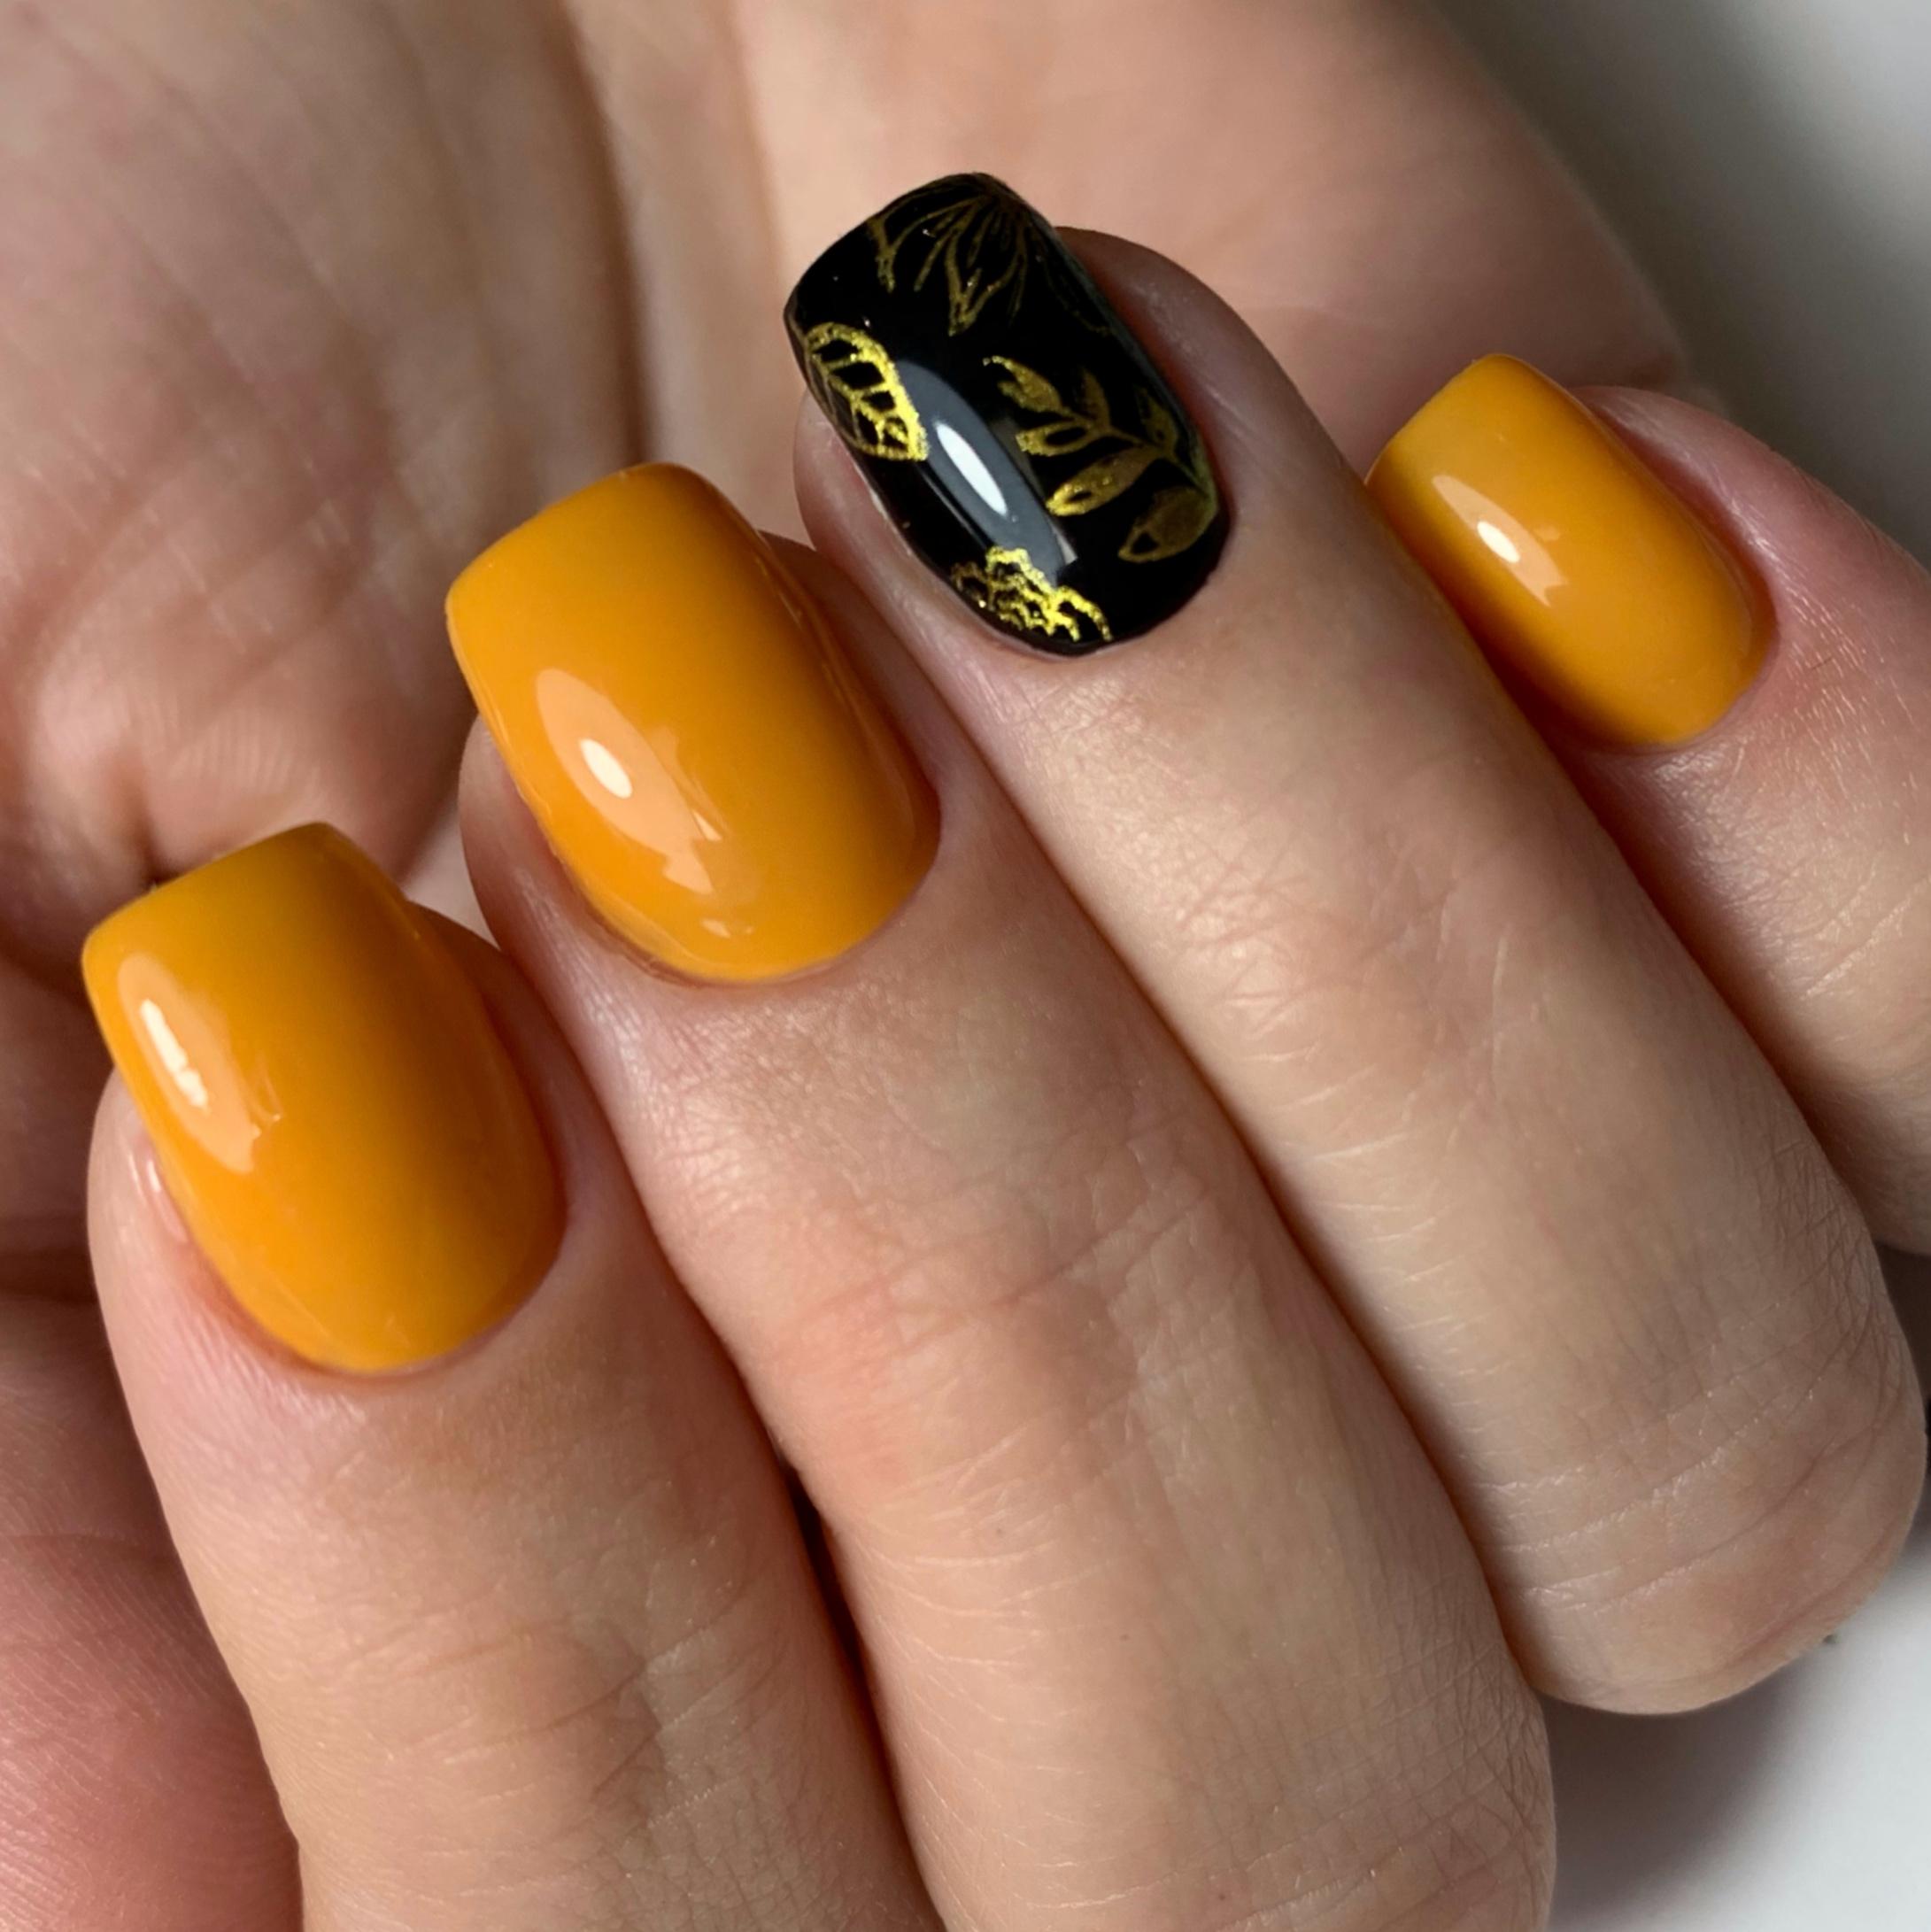 Маникюр с растительным рисунком в оранжевом цвете на короткие ногти.